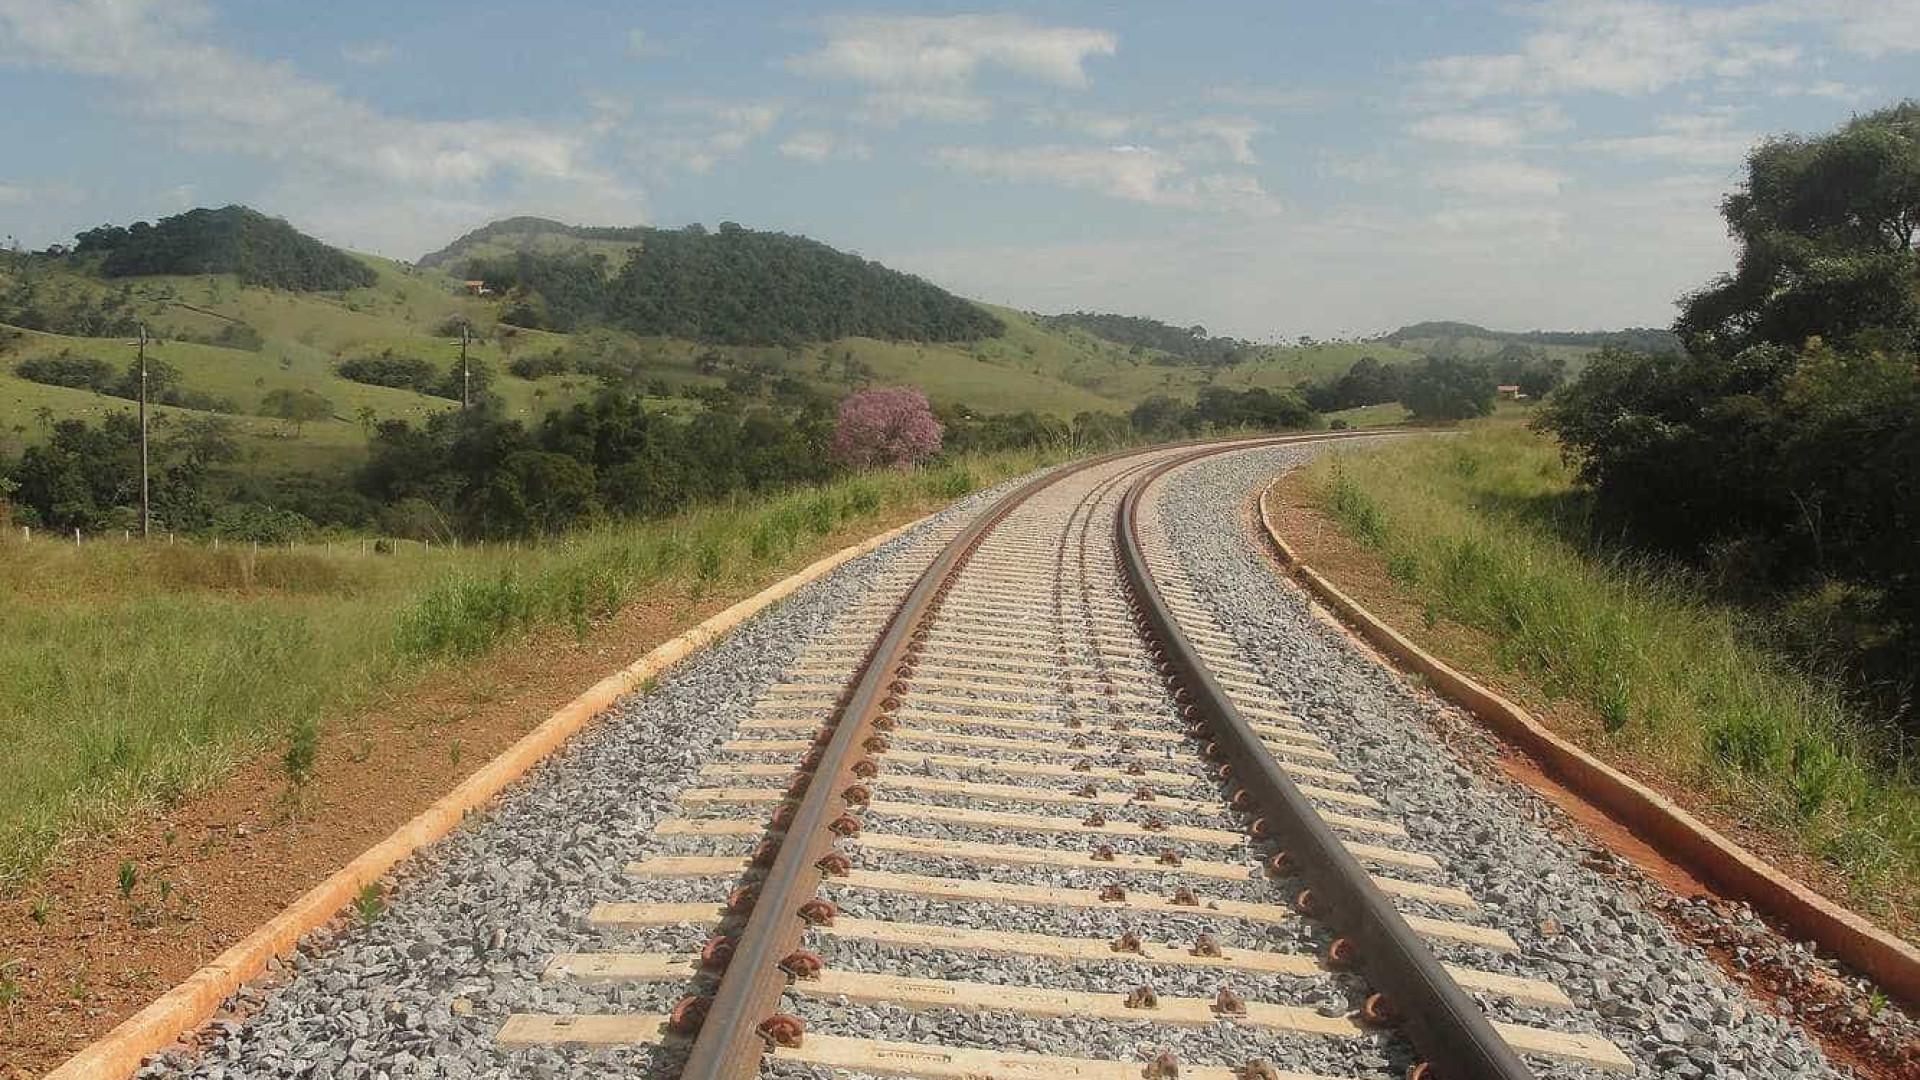 Fraude em ferrovias envolveu 37 empreiteiras, segundo PF de Goiás